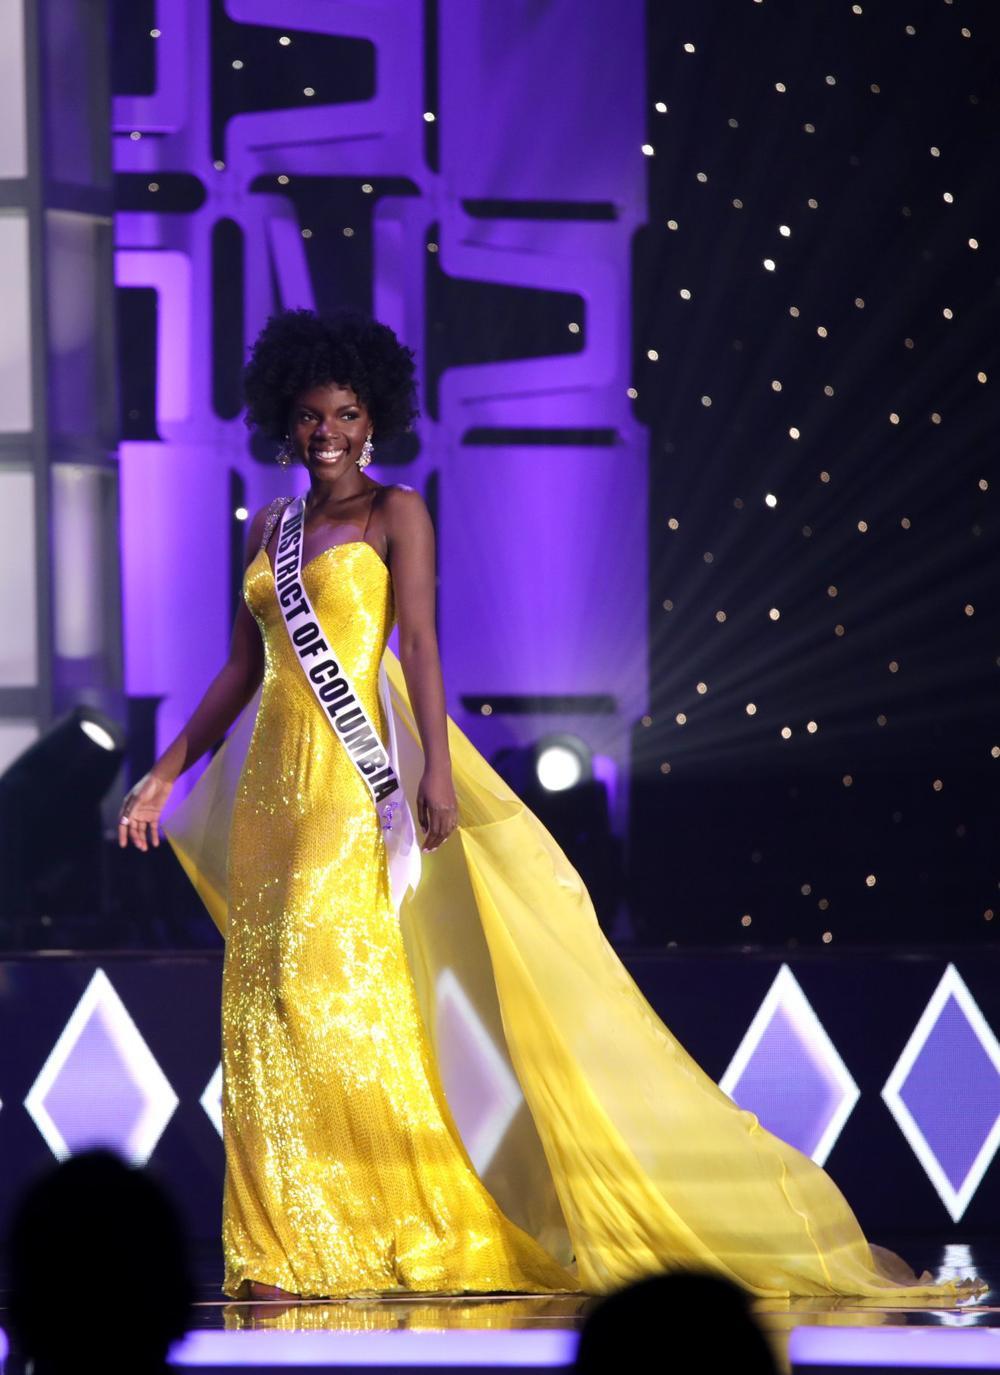 Thí sinh Miss USA mặc lạc quẻ giống Kiều Loan, đạo nhái váy Hoàng Thùy trong phần thi dạ hội Ảnh 17